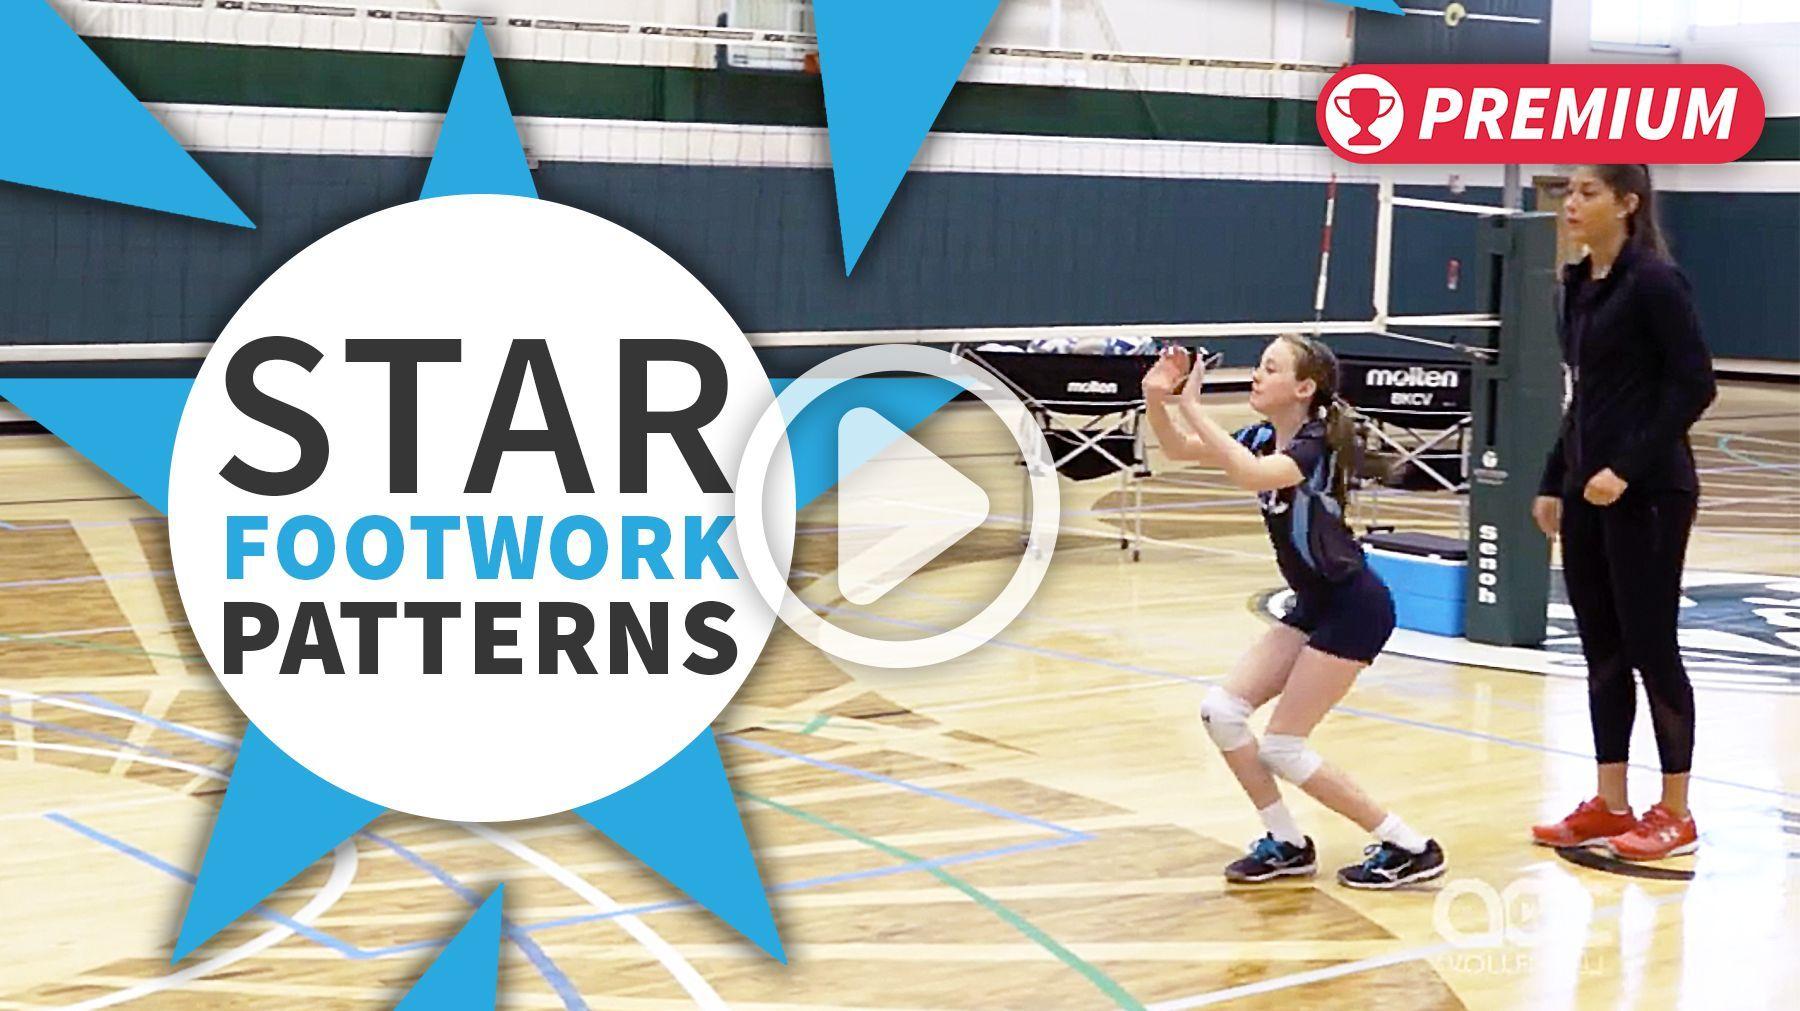 Setting Drill Star Footwork Patterns The Art Of Coaching Volleyball Setting Drills Coaching Volleyball Drill